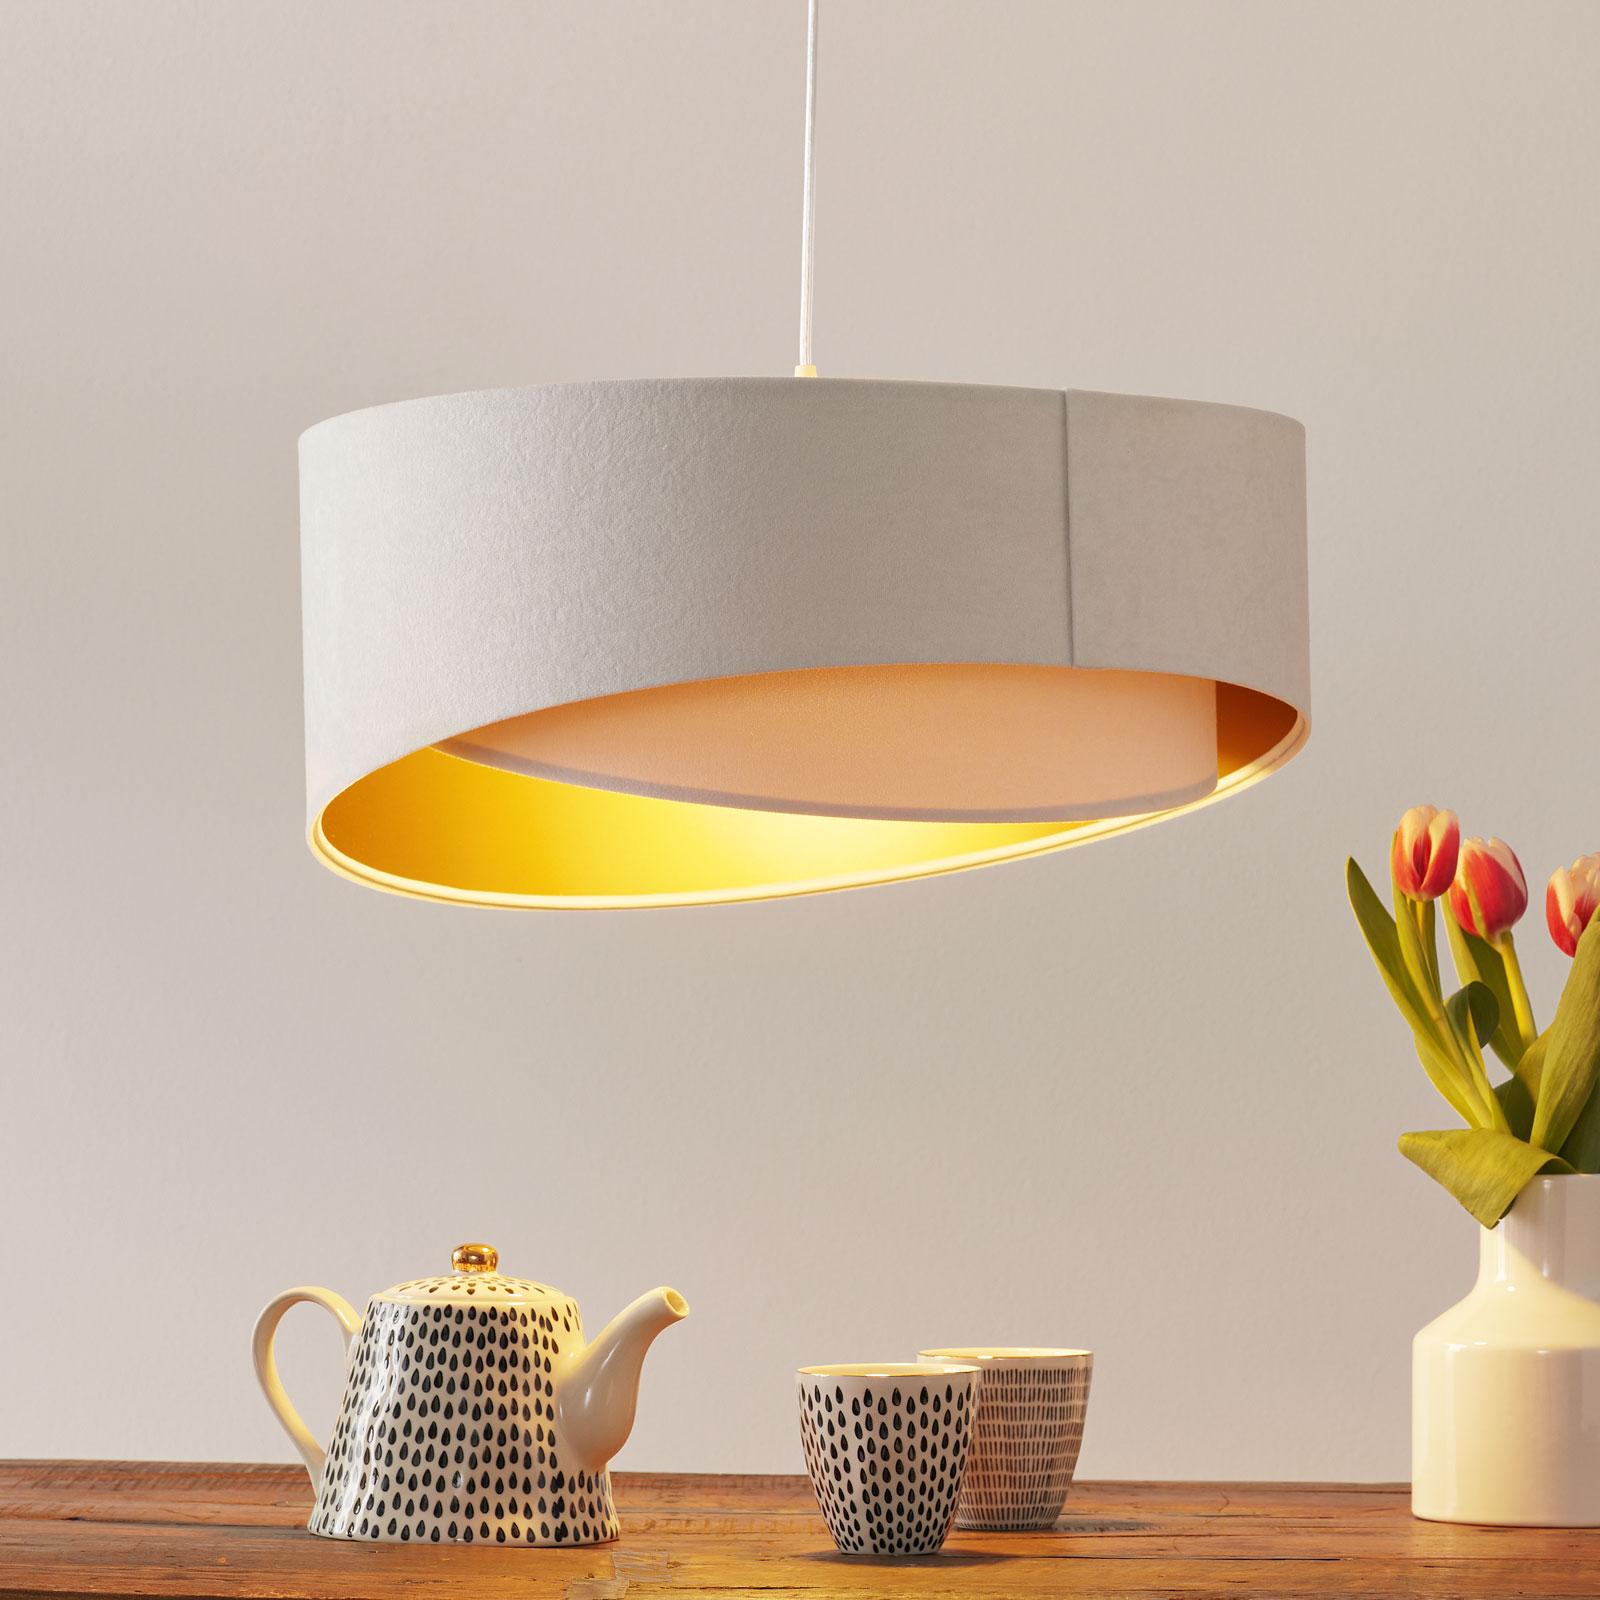 2-kleurige hanglamp Chloe in gelaagde look